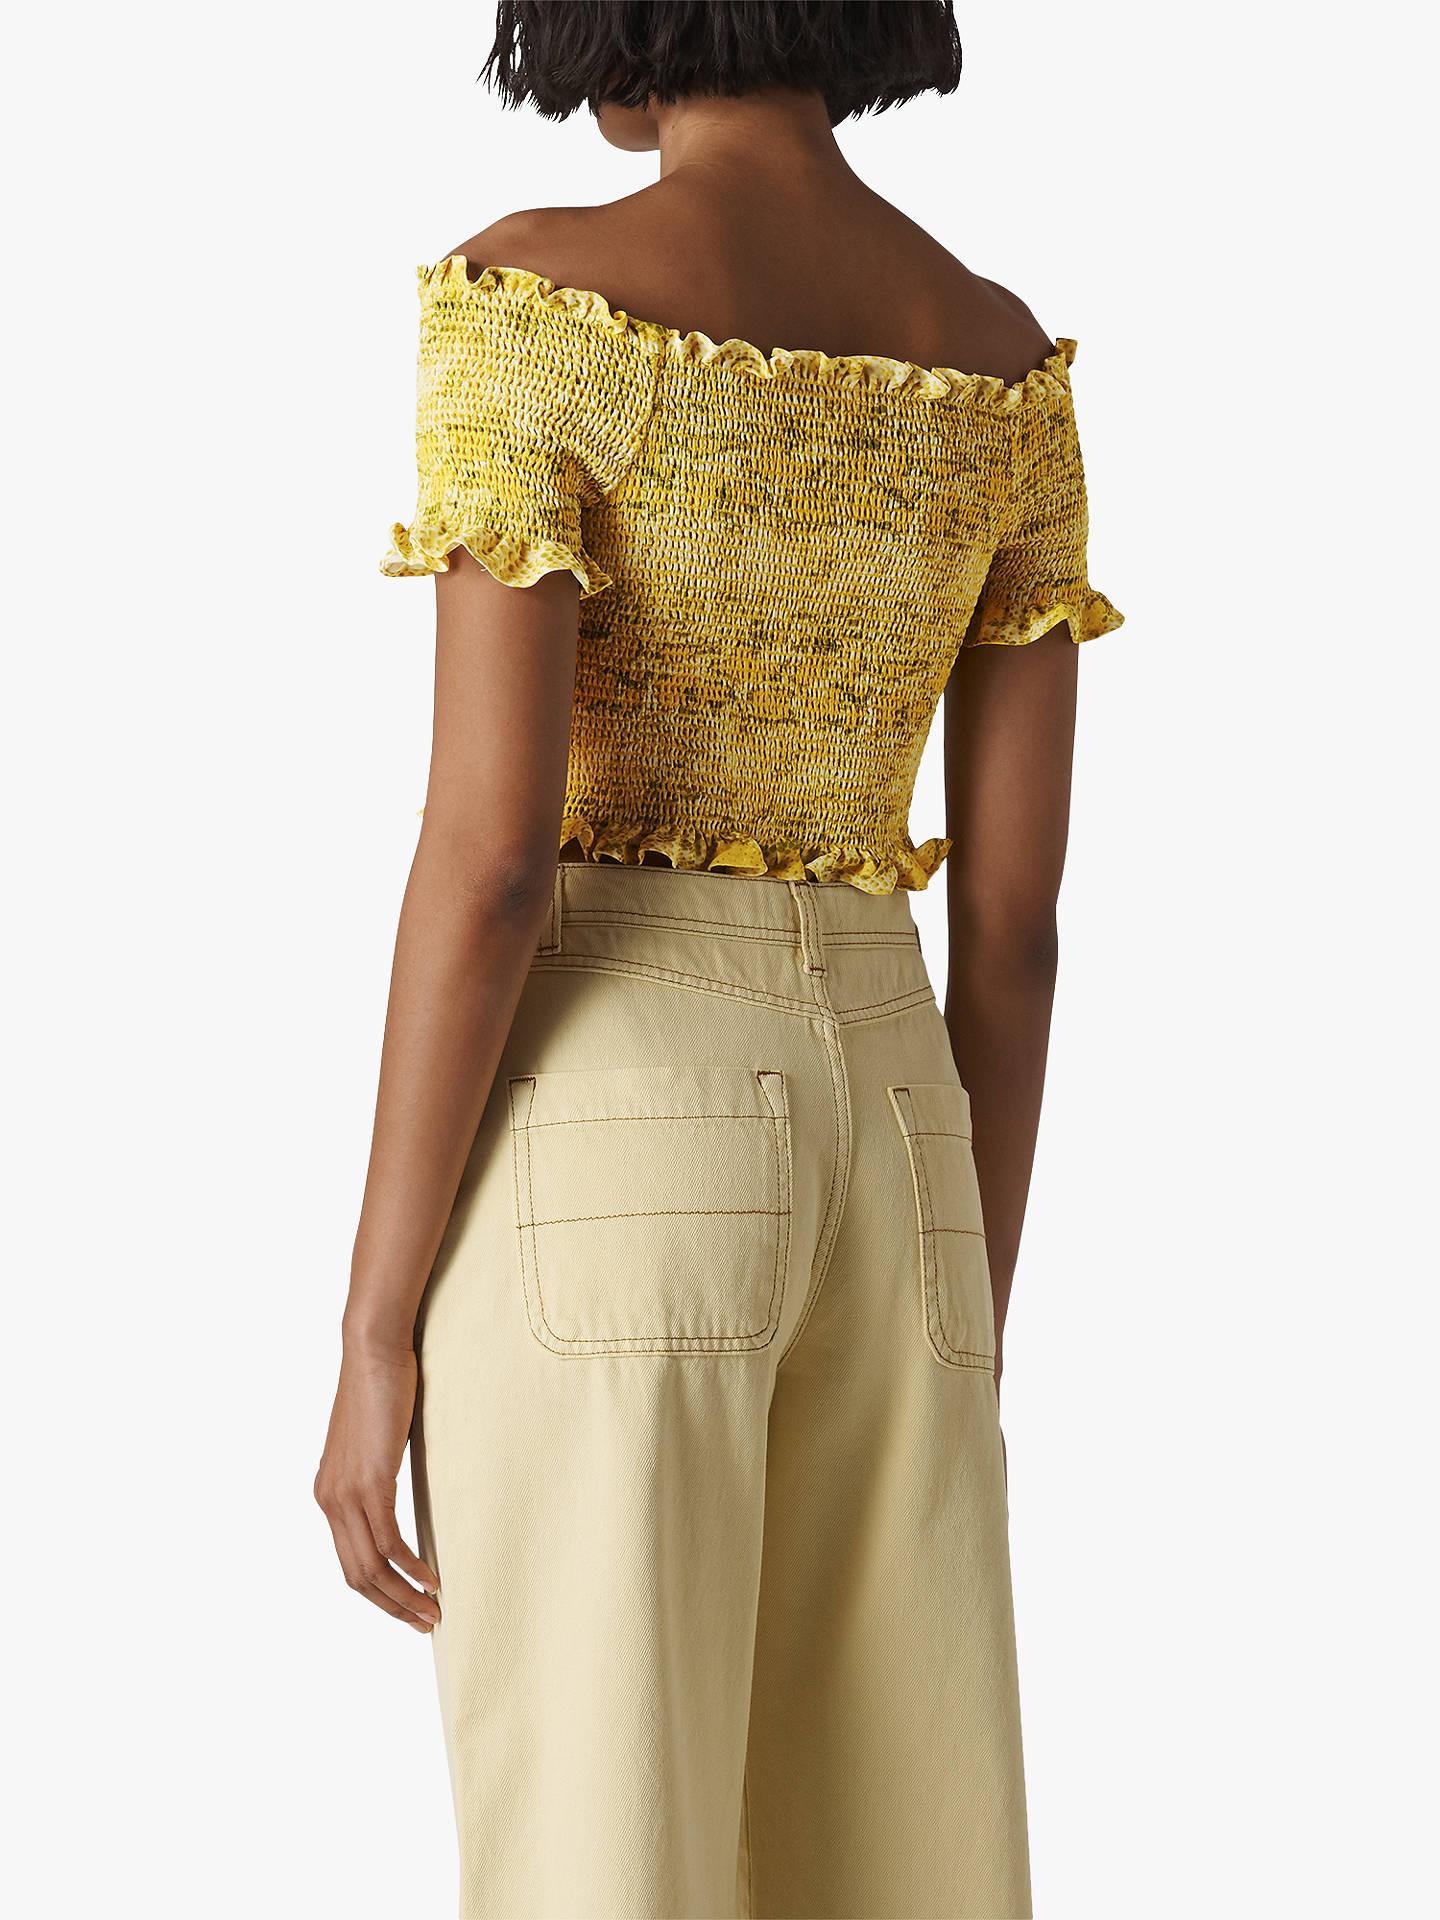 974302369c8 ... Buy Whistles Python Print Smocked Bardot Top, Yellow/Multi, 6 Online at  johnlewis ...